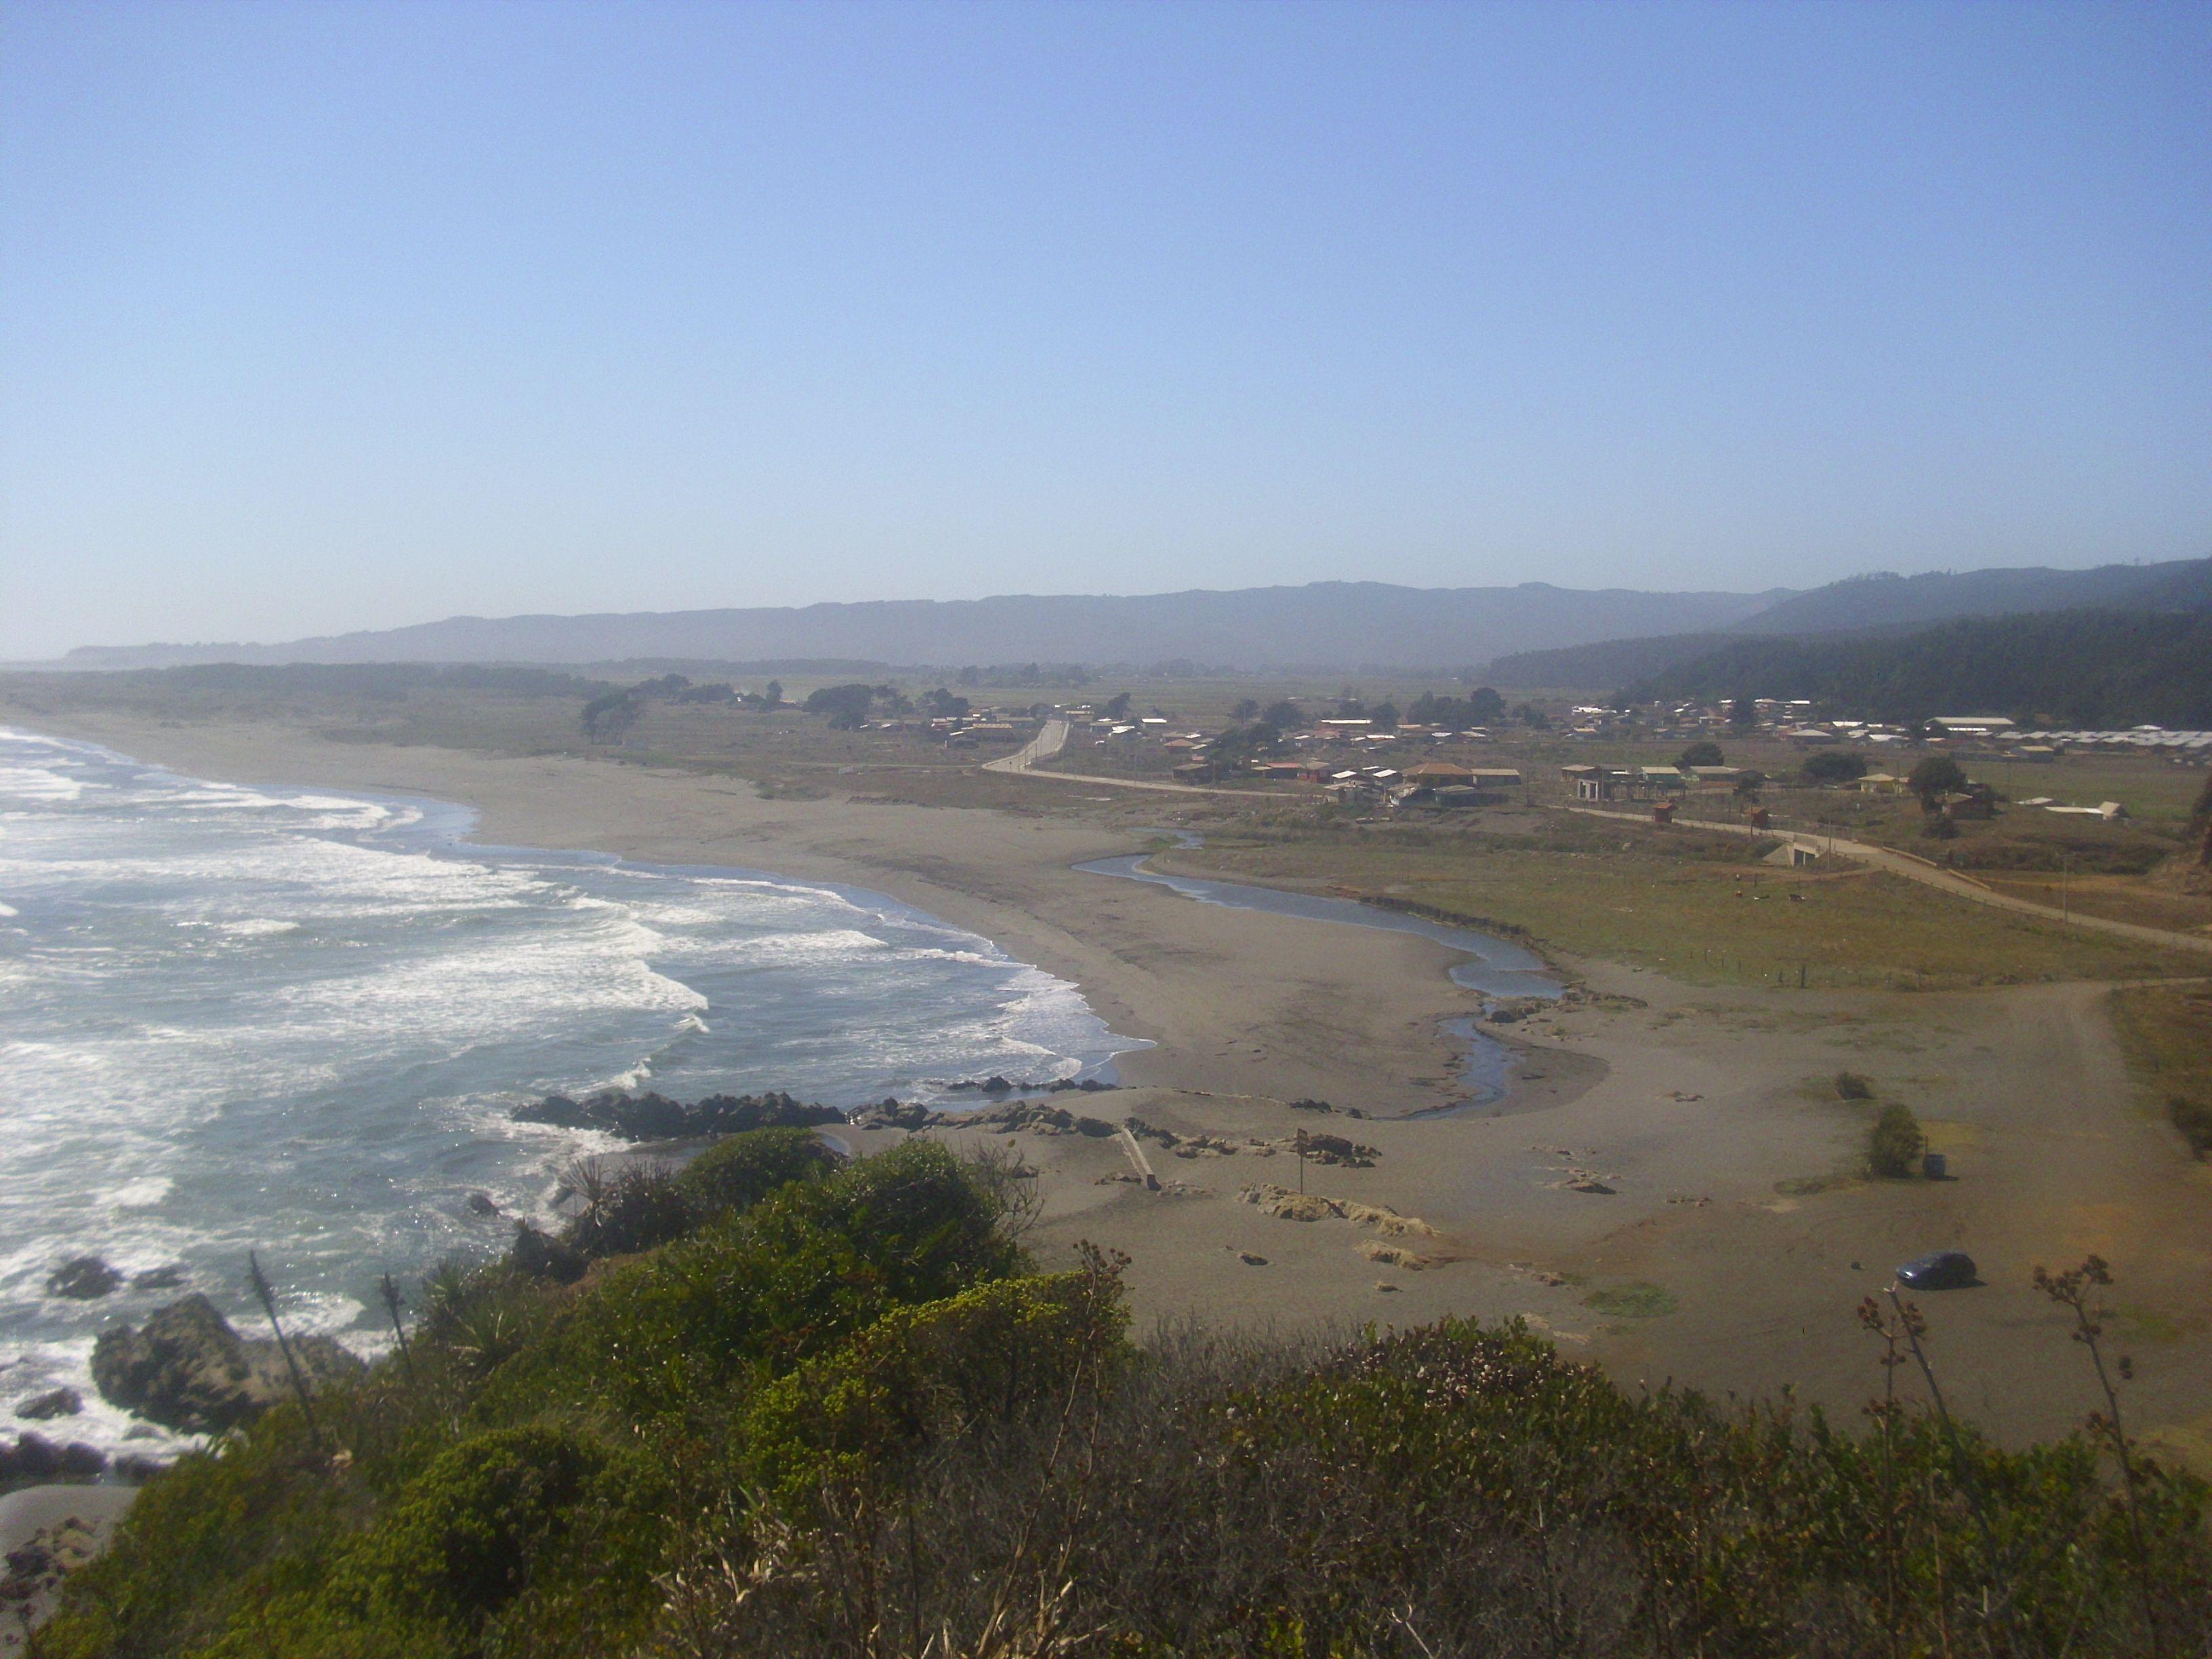 """Coelemu era una posta, en el llamado """"Camino de la Colonia"""" que unía Concepción con Talca, vía Cauquenes. Crédito: Wikipedia"""